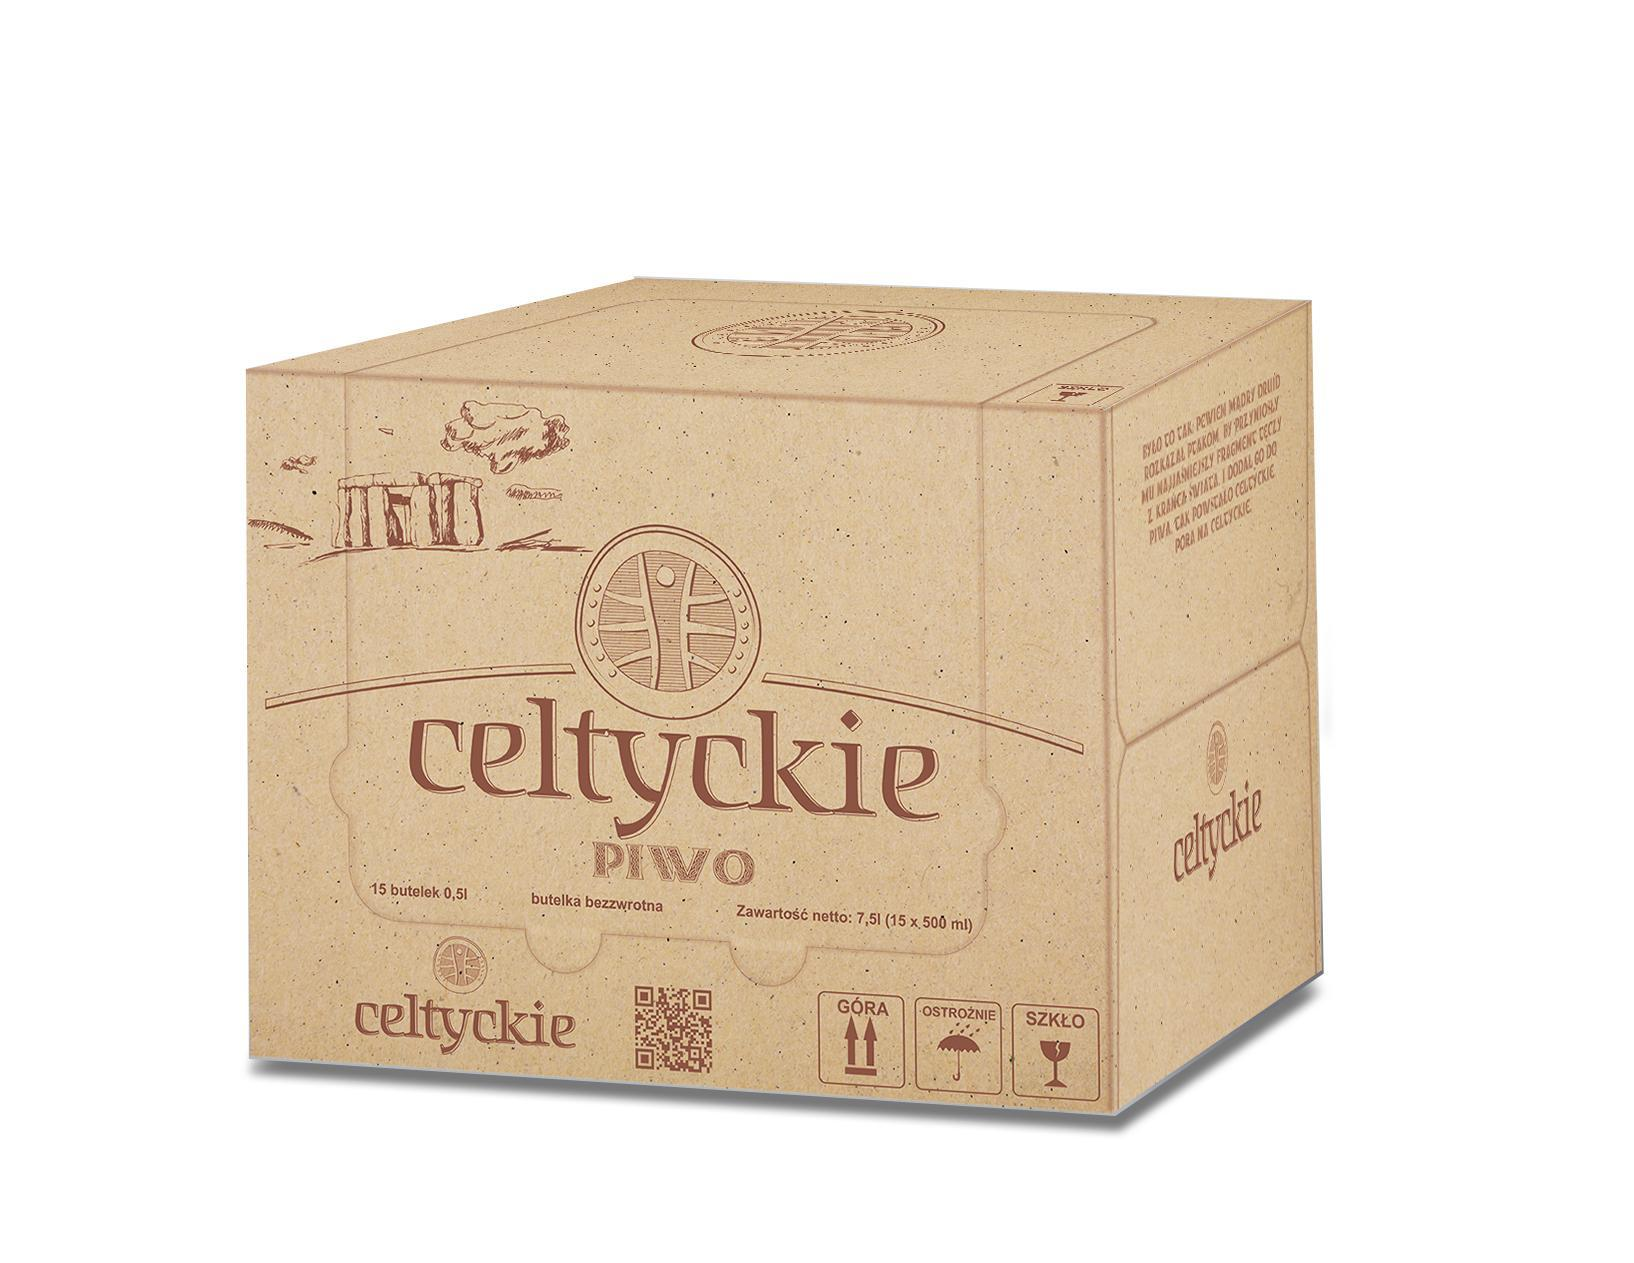 Piwo Celtyckie - jako karton celtyckie wiz